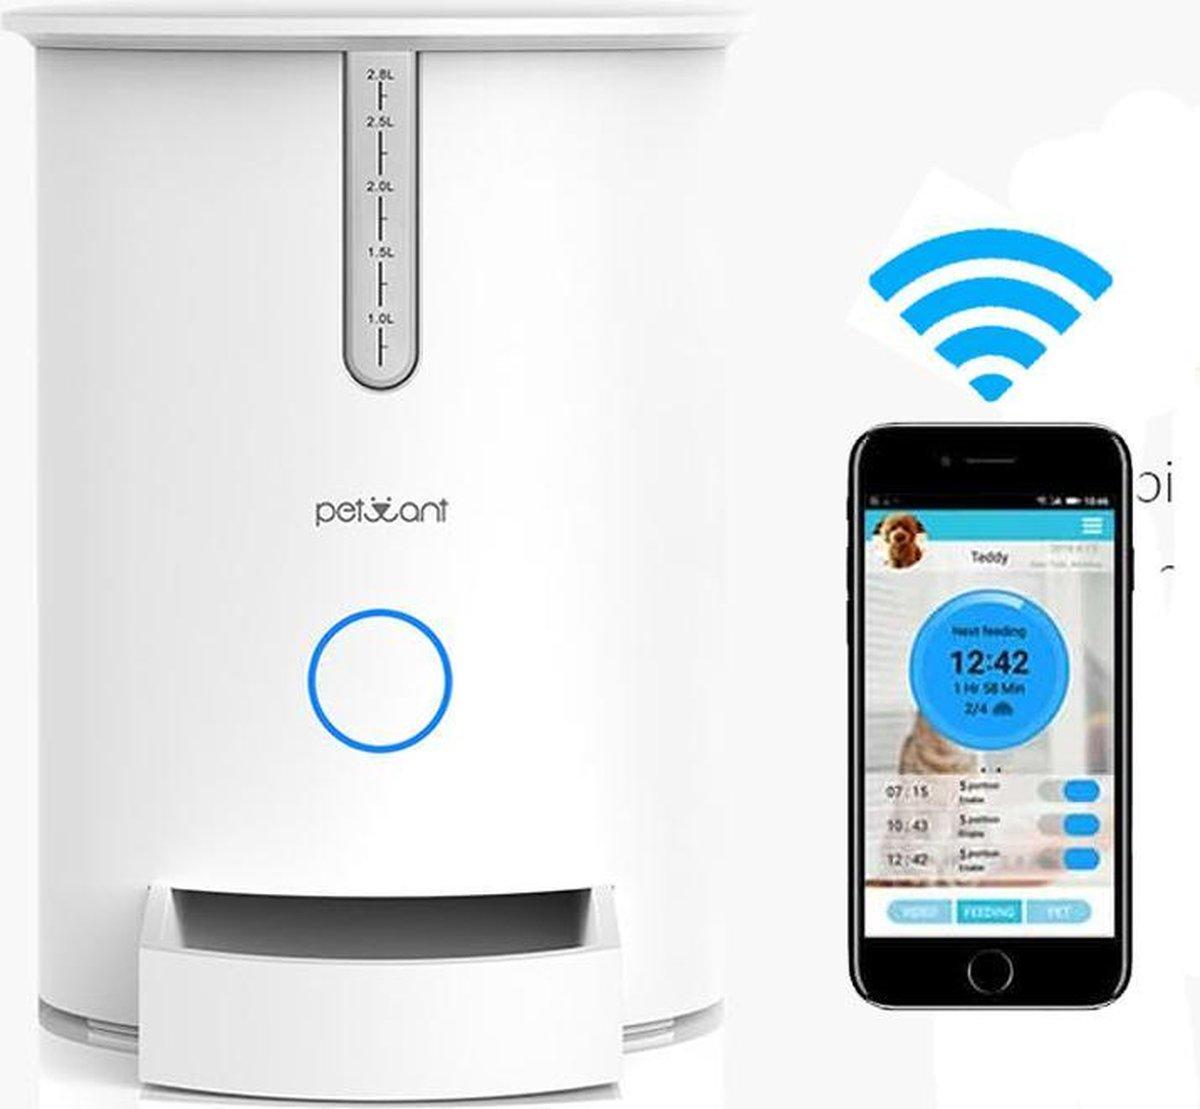 PetWant F3 WIFI Slimme Voerautomaat Speciaal voor uw Kat   Eigenschappen: Verbind met App, WIFI Verb